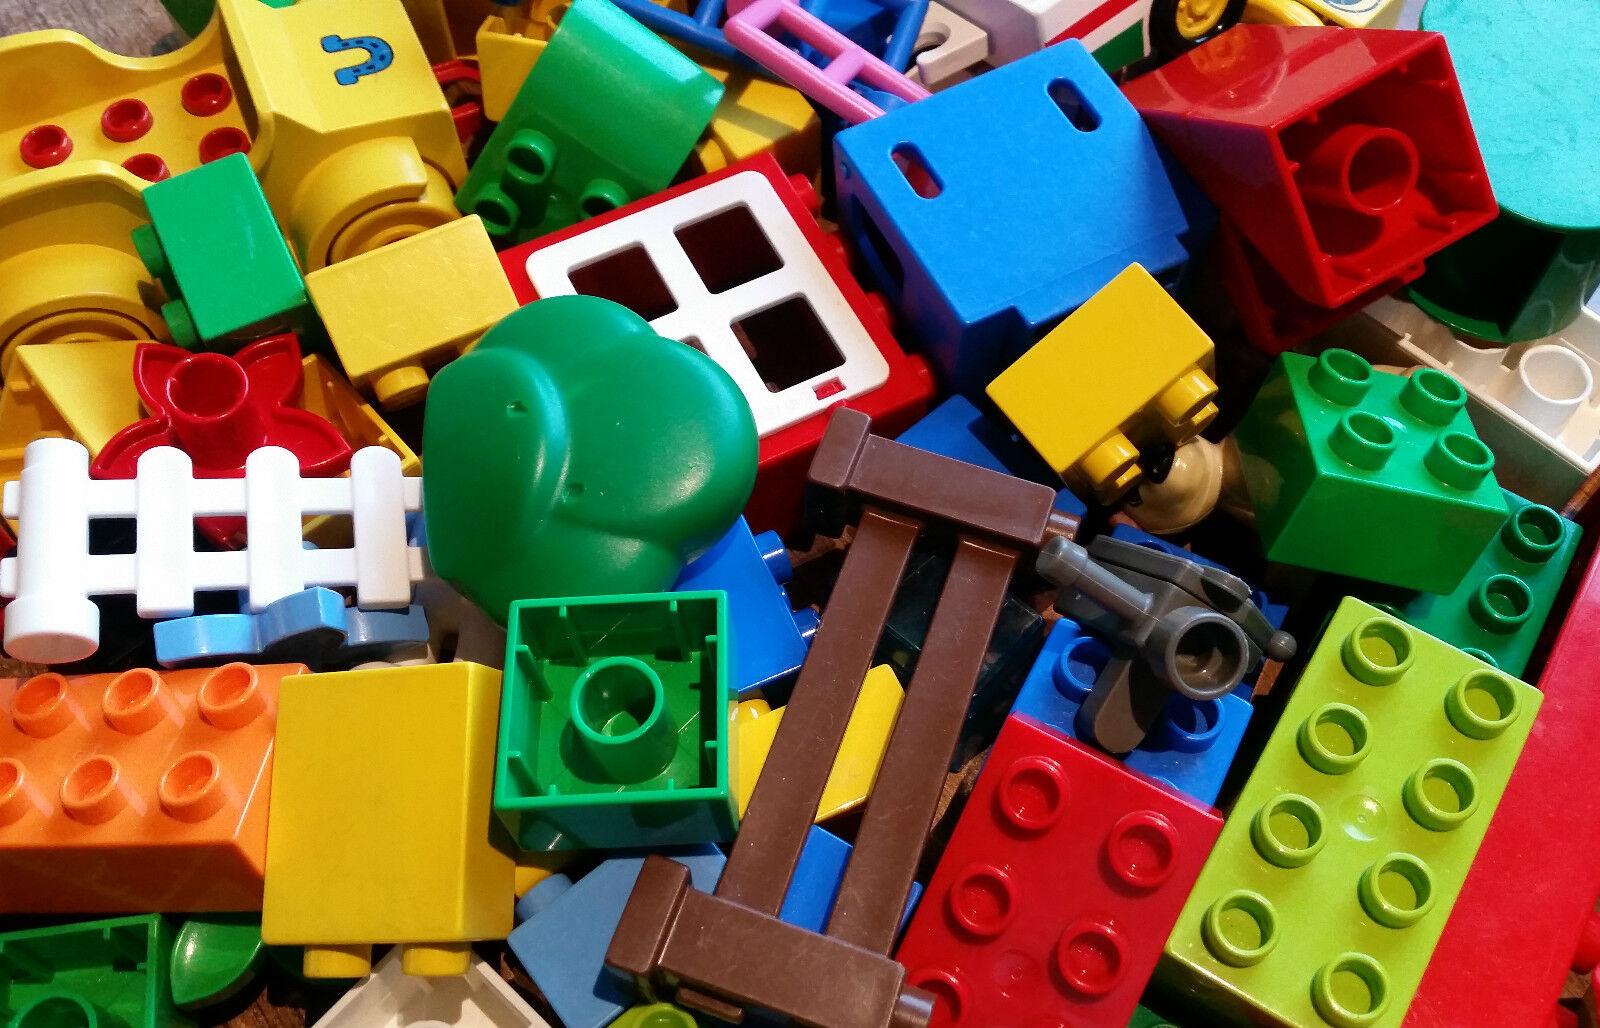 200 LEGO DUPLO pietre   BASIC-SPECIALE - & motivo pietre colorata mescolata la raccolta kg